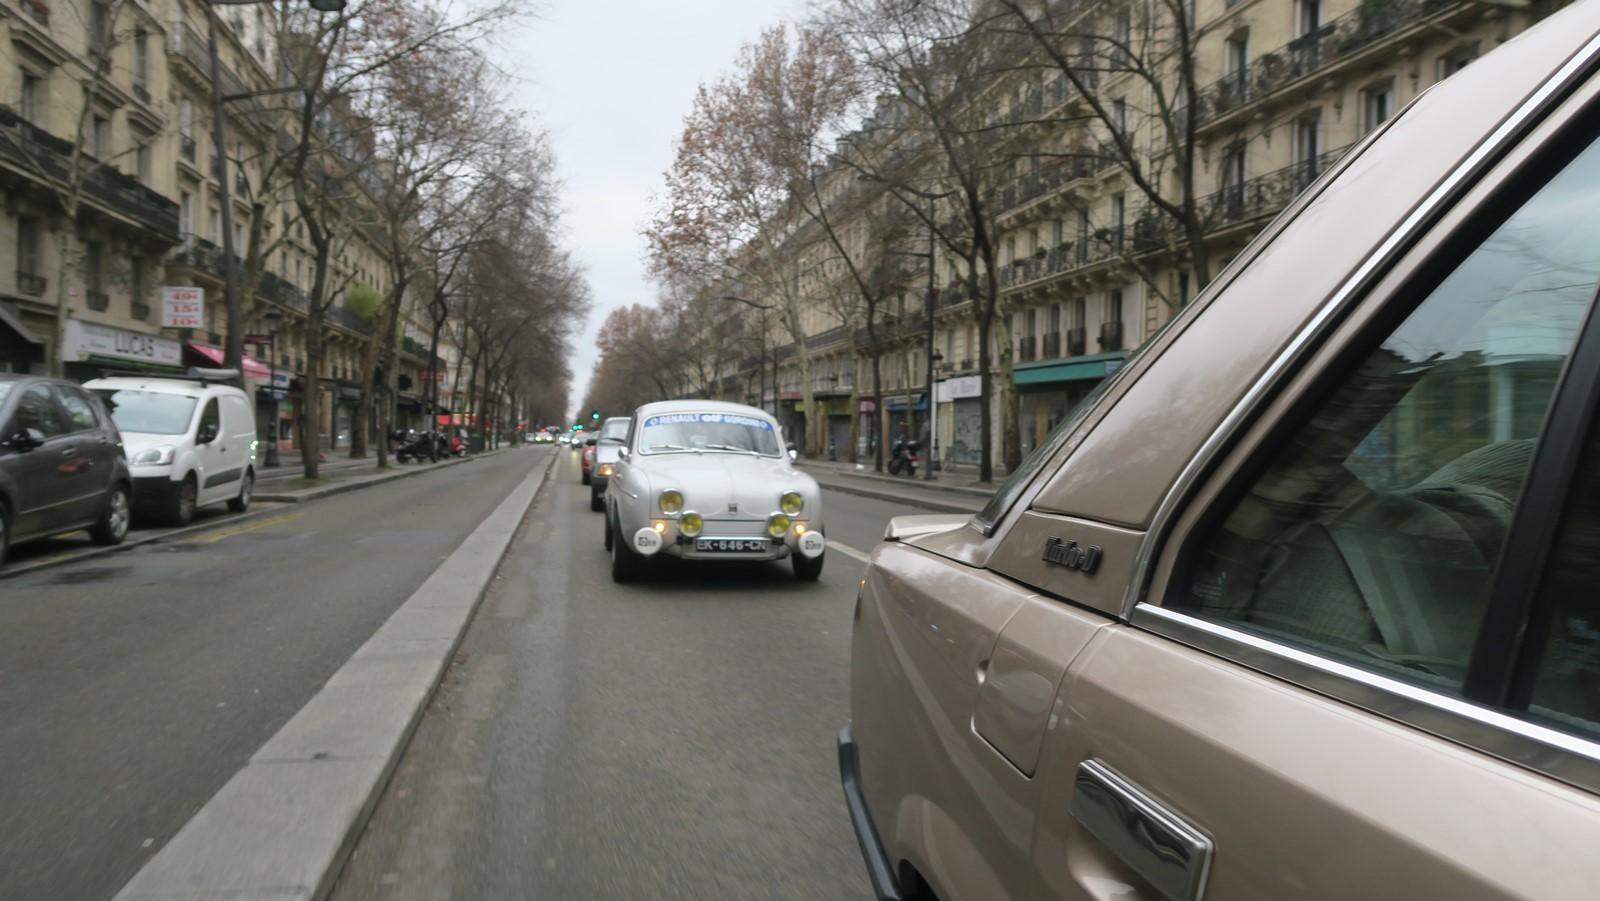 Traversee de Paris hivernale 2019 FM 18